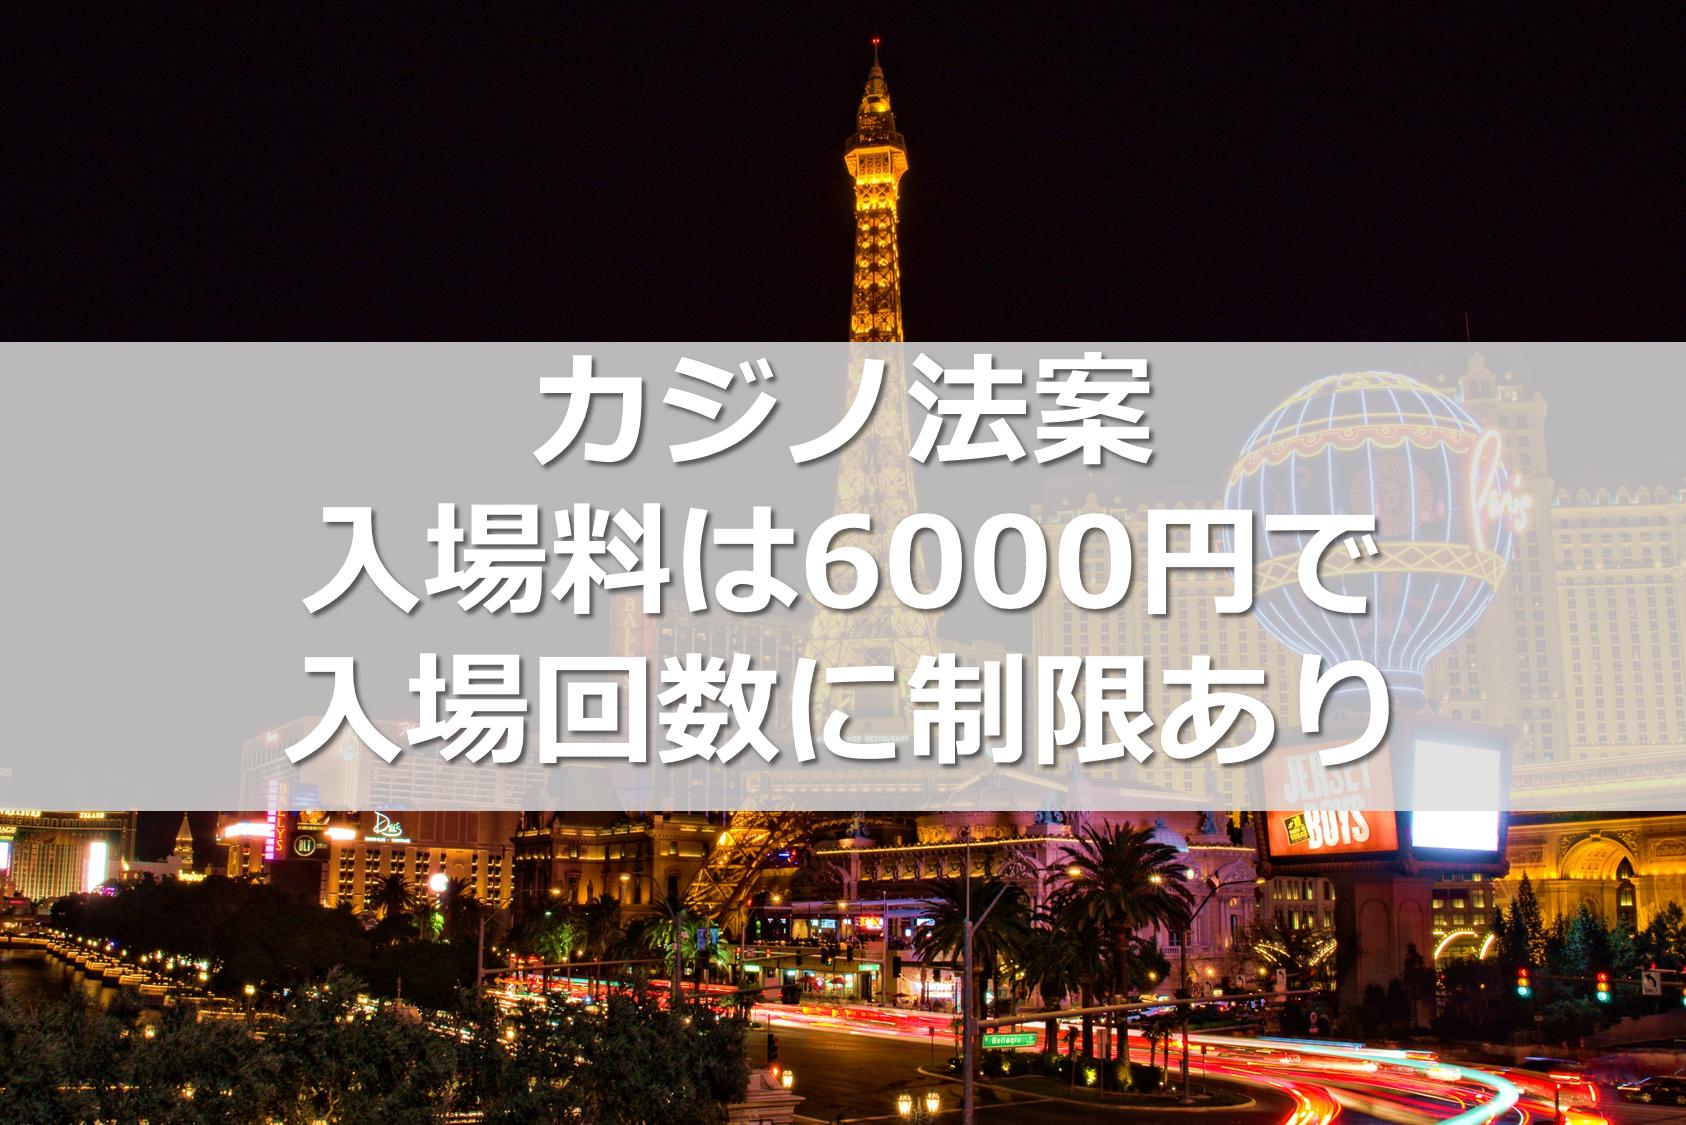 カジノ法案 入場料は6000円で入場回数に制限あり